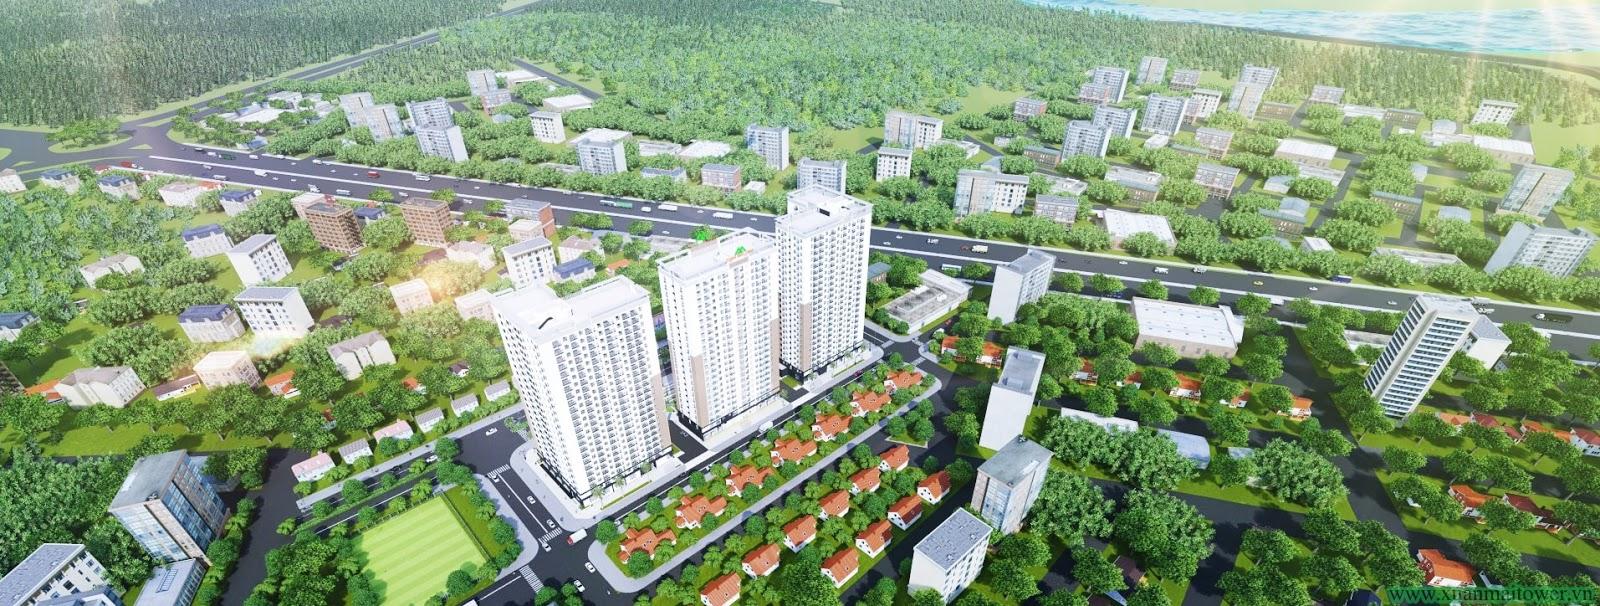 Chung cư Xuân Mai Tower Thanh Hoá